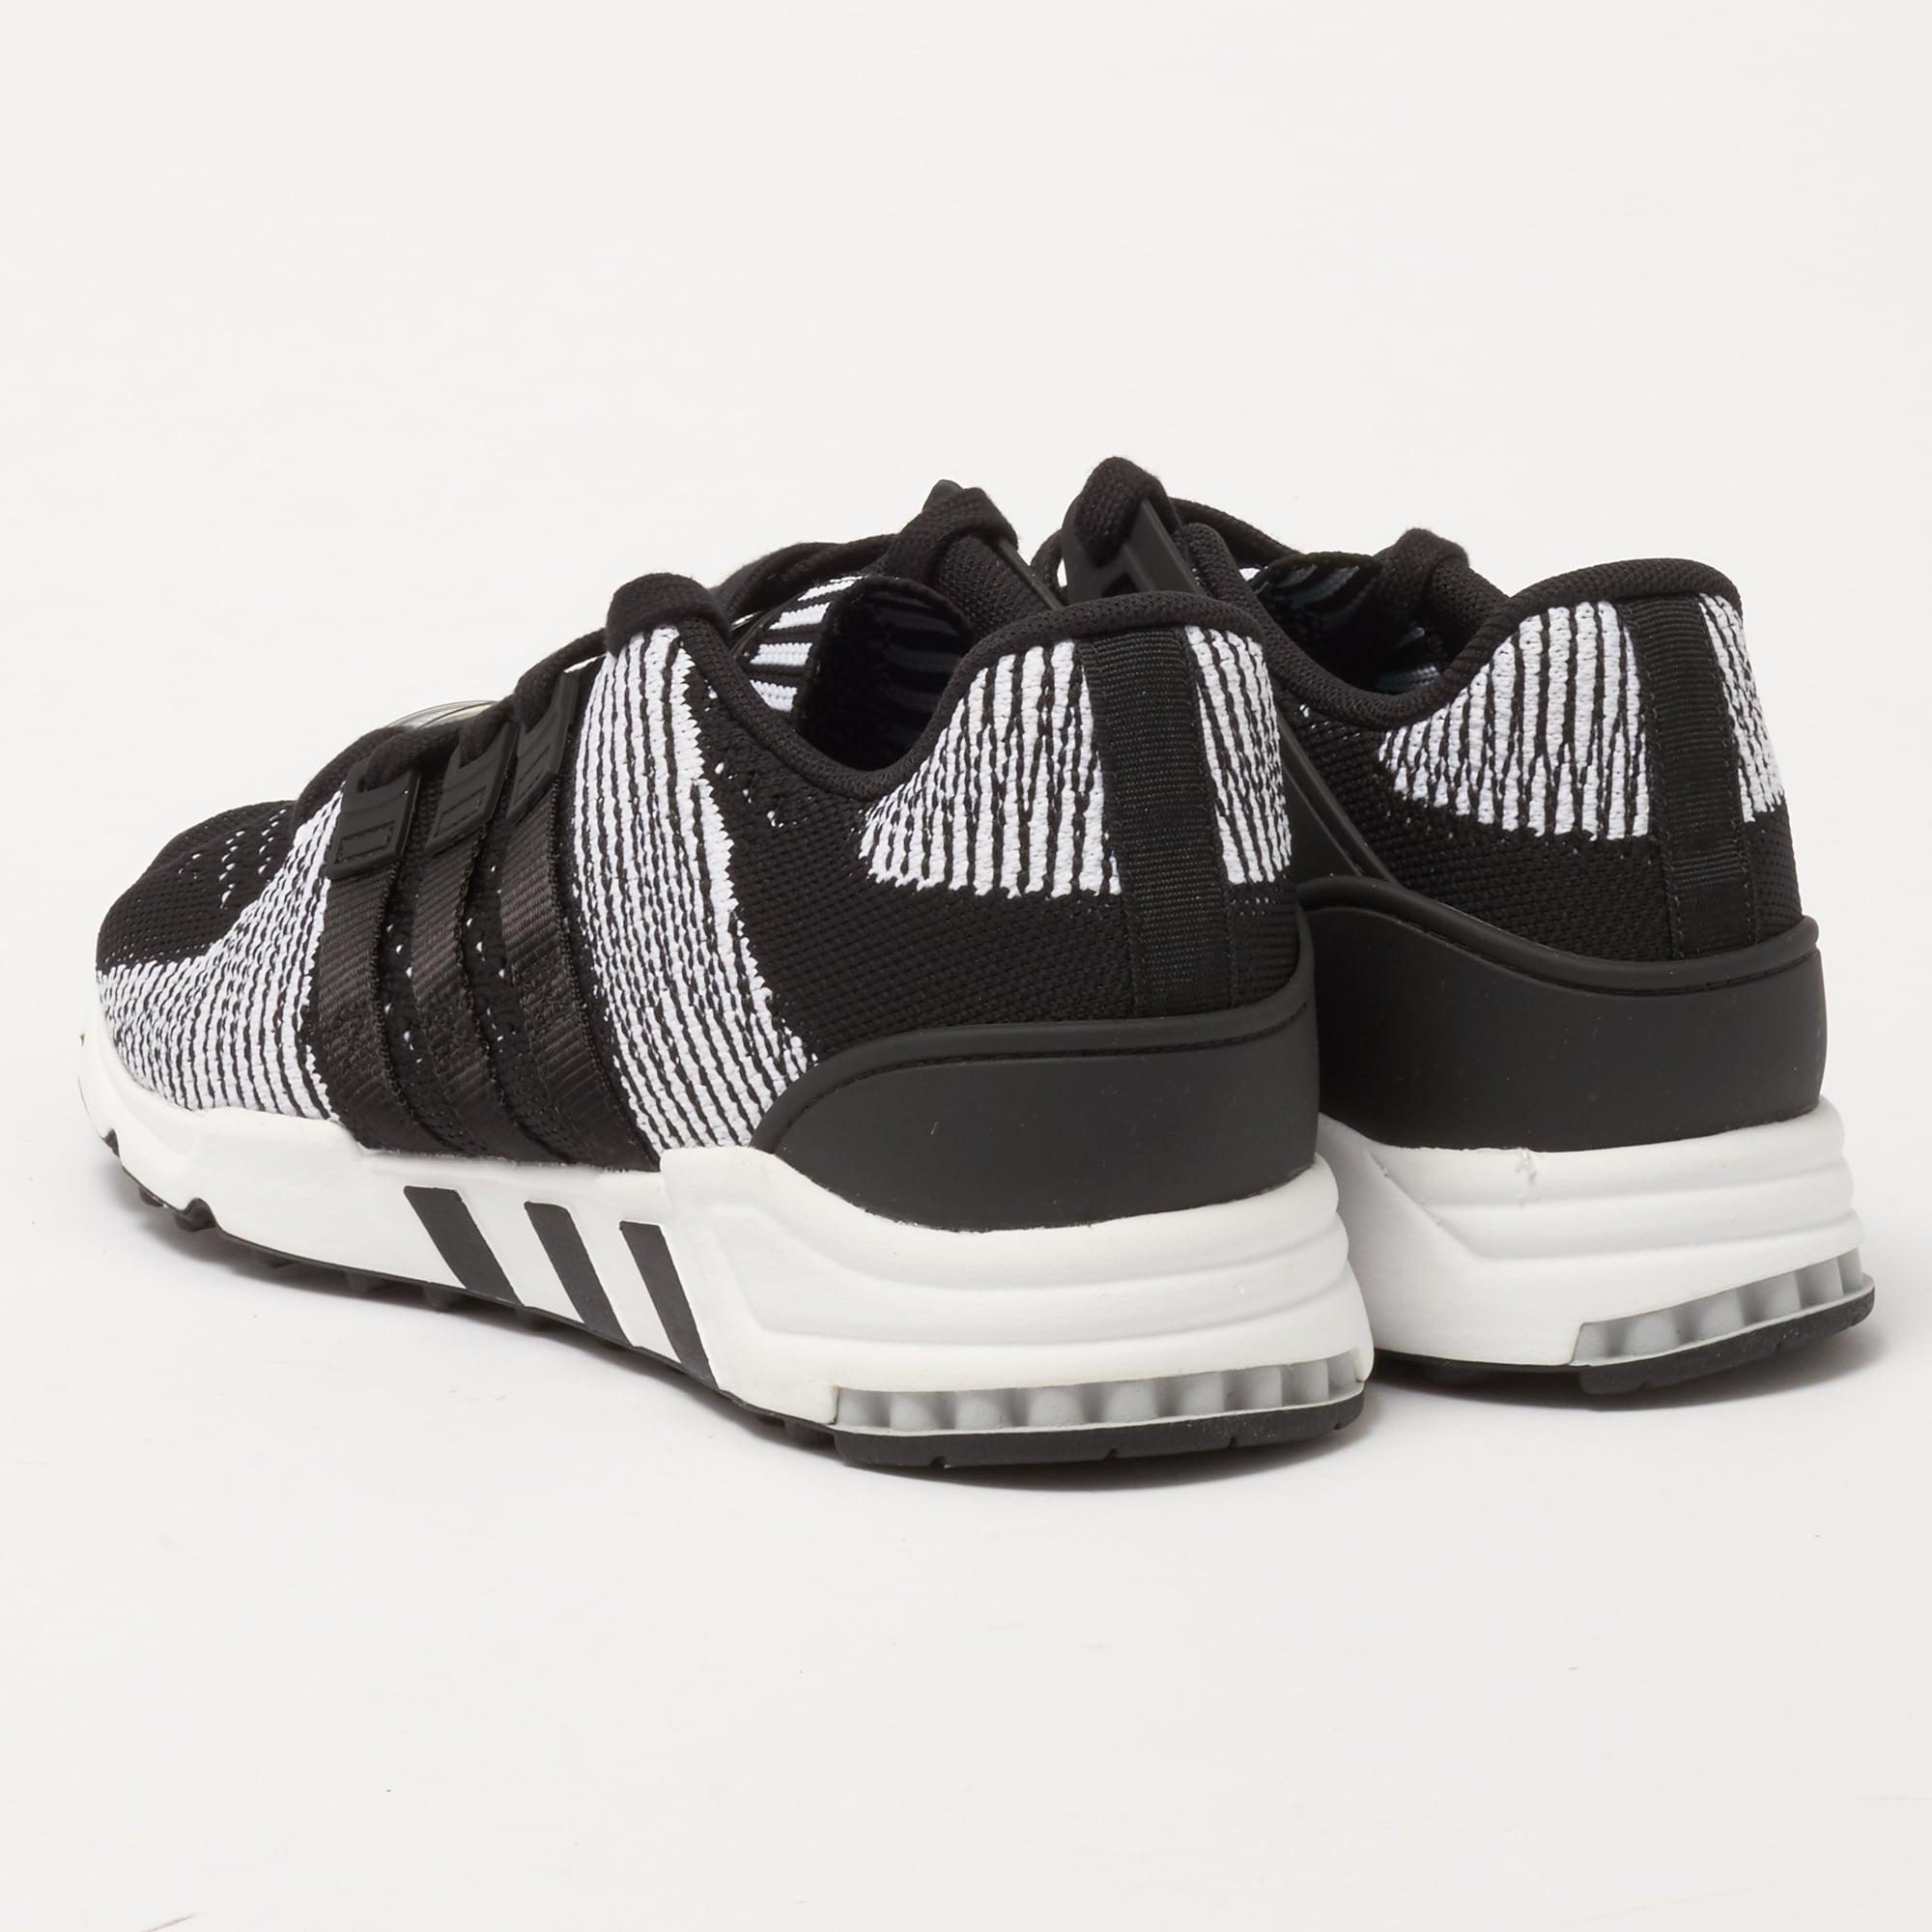 super popular 19d49 1f714 Adidas Originals - Eqt Support Rf Primeknit - Core Black  Ftw White for  Men -. View fullscreen